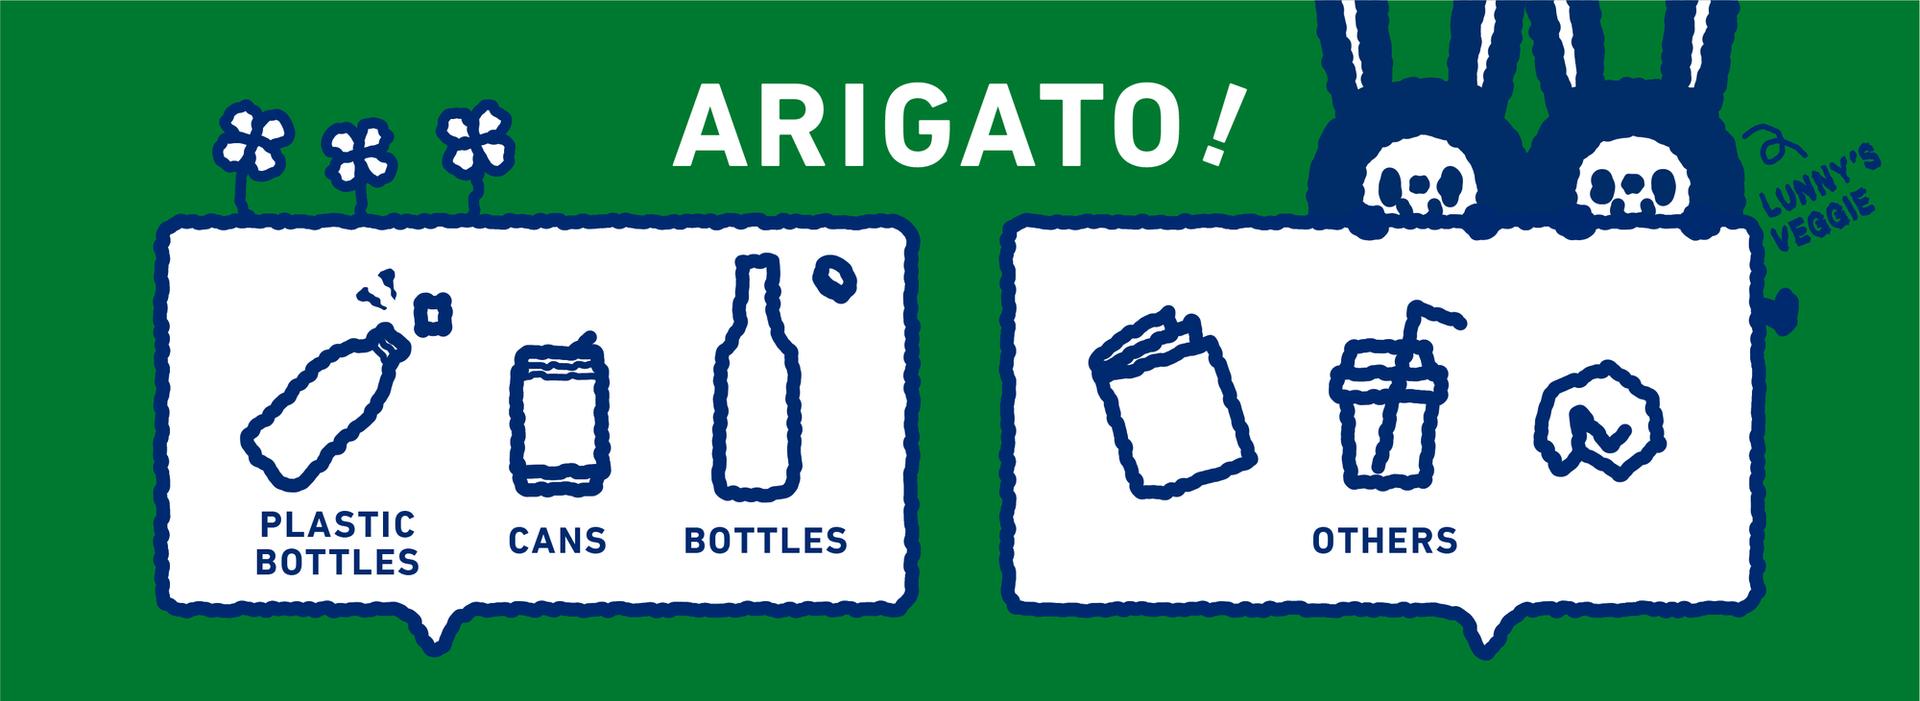 arigato-board-sample-03.png